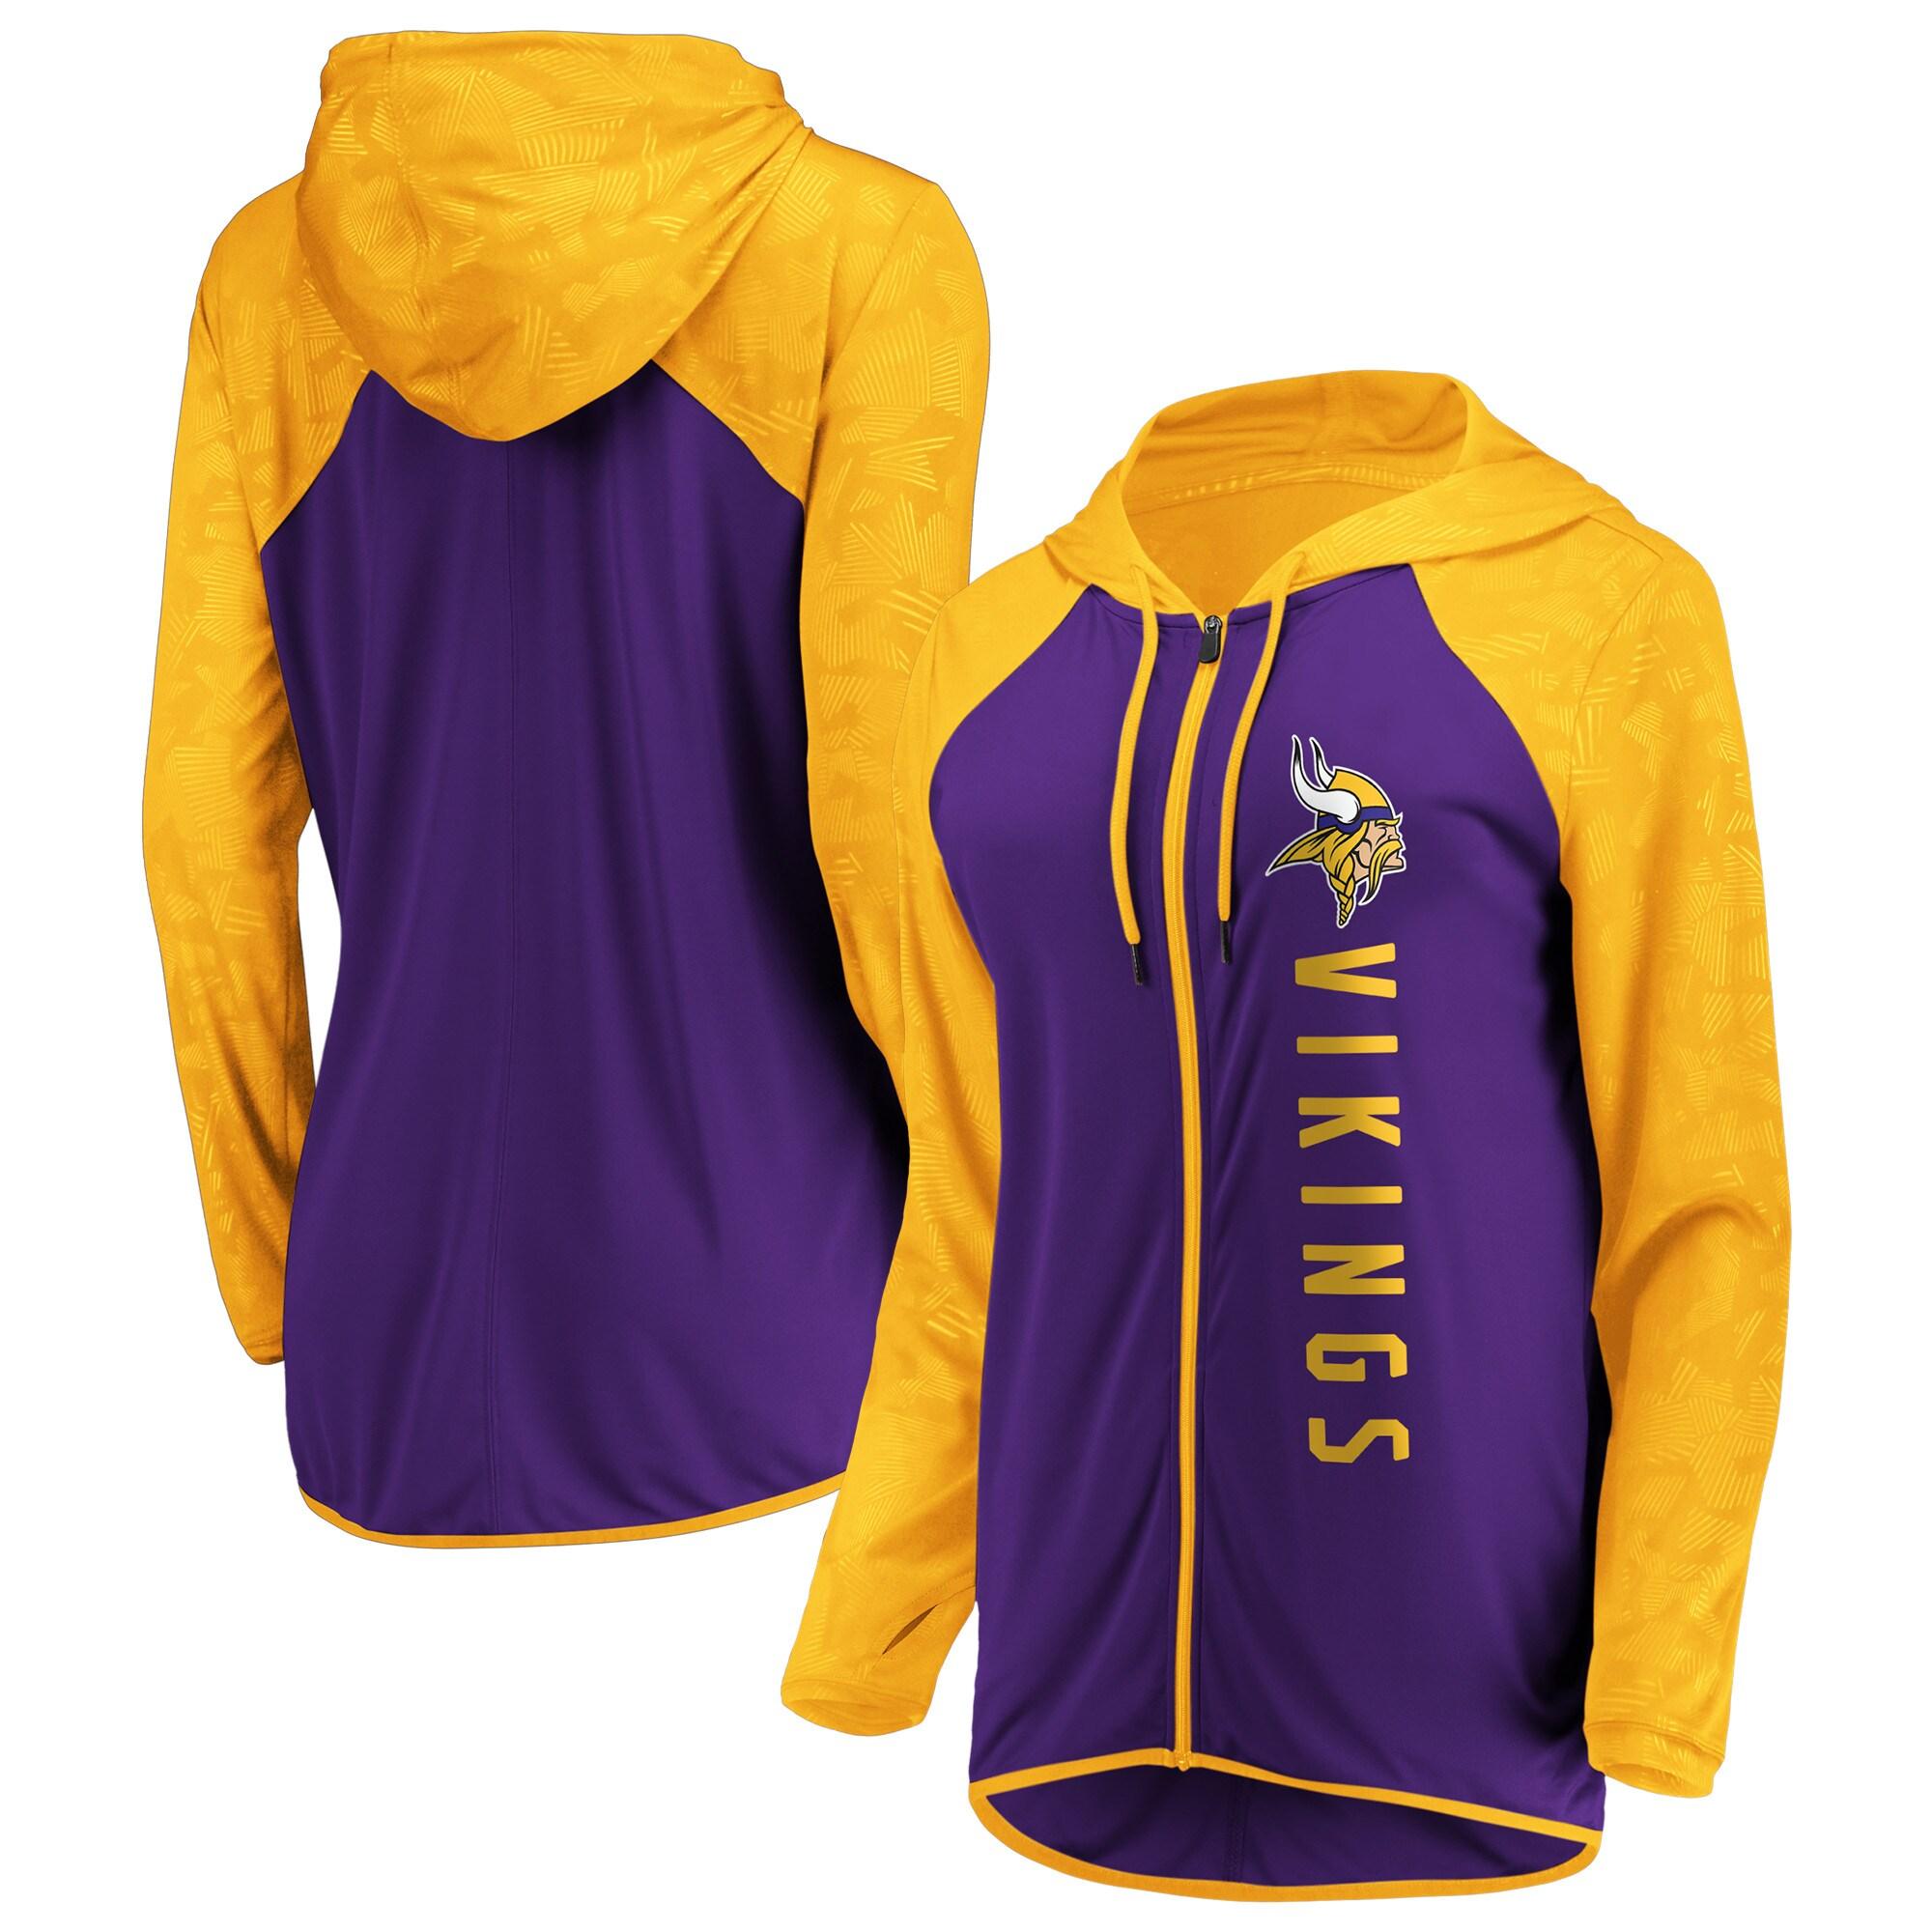 Minnesota Vikings Fanatics Branded Women's Forever Fan Full-Zip Hoodie - Purple/Gold